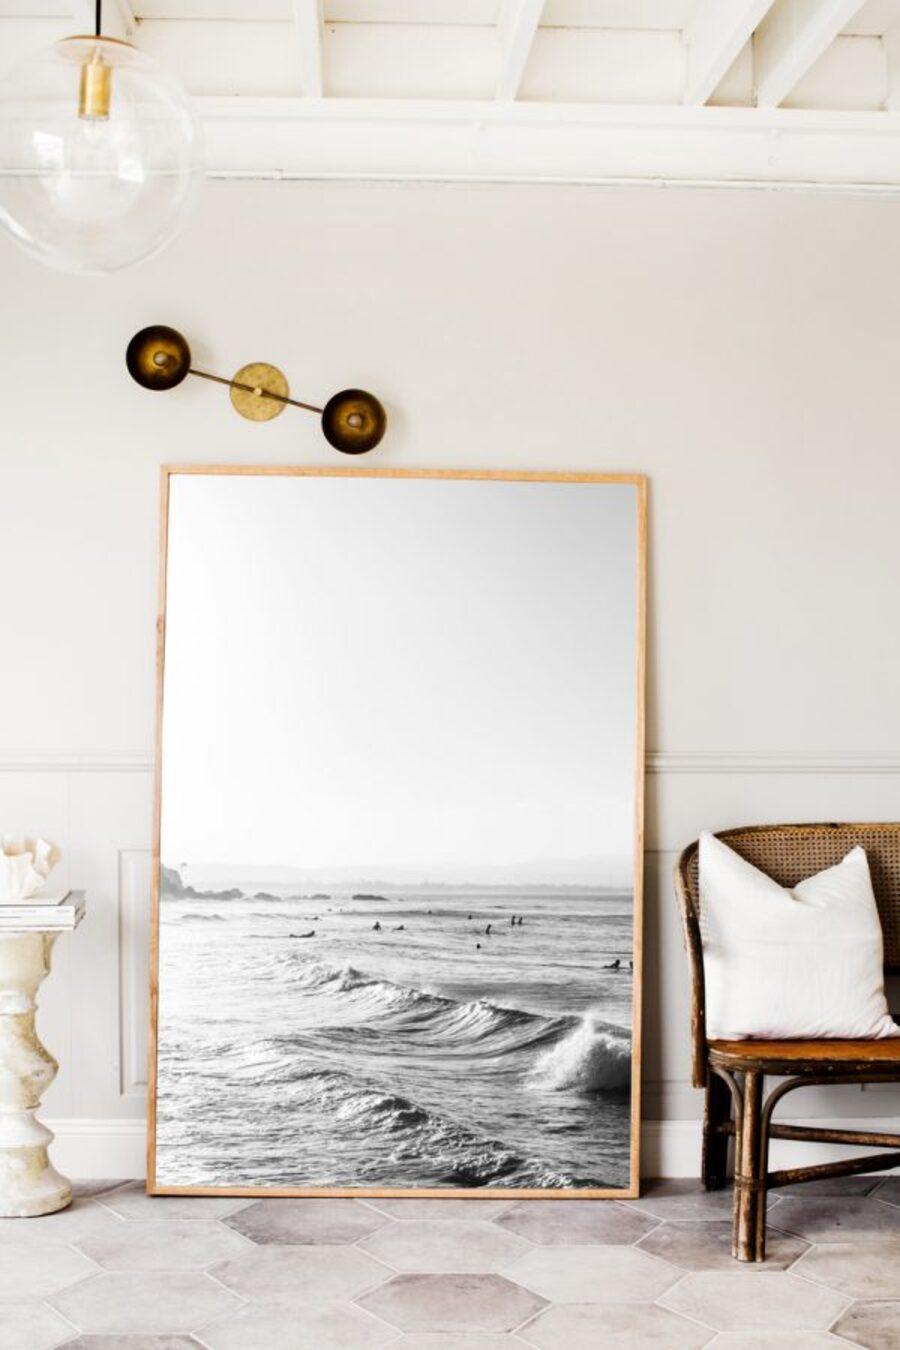 Un gran cuadro de un paisaje marino apoyado en la pared.